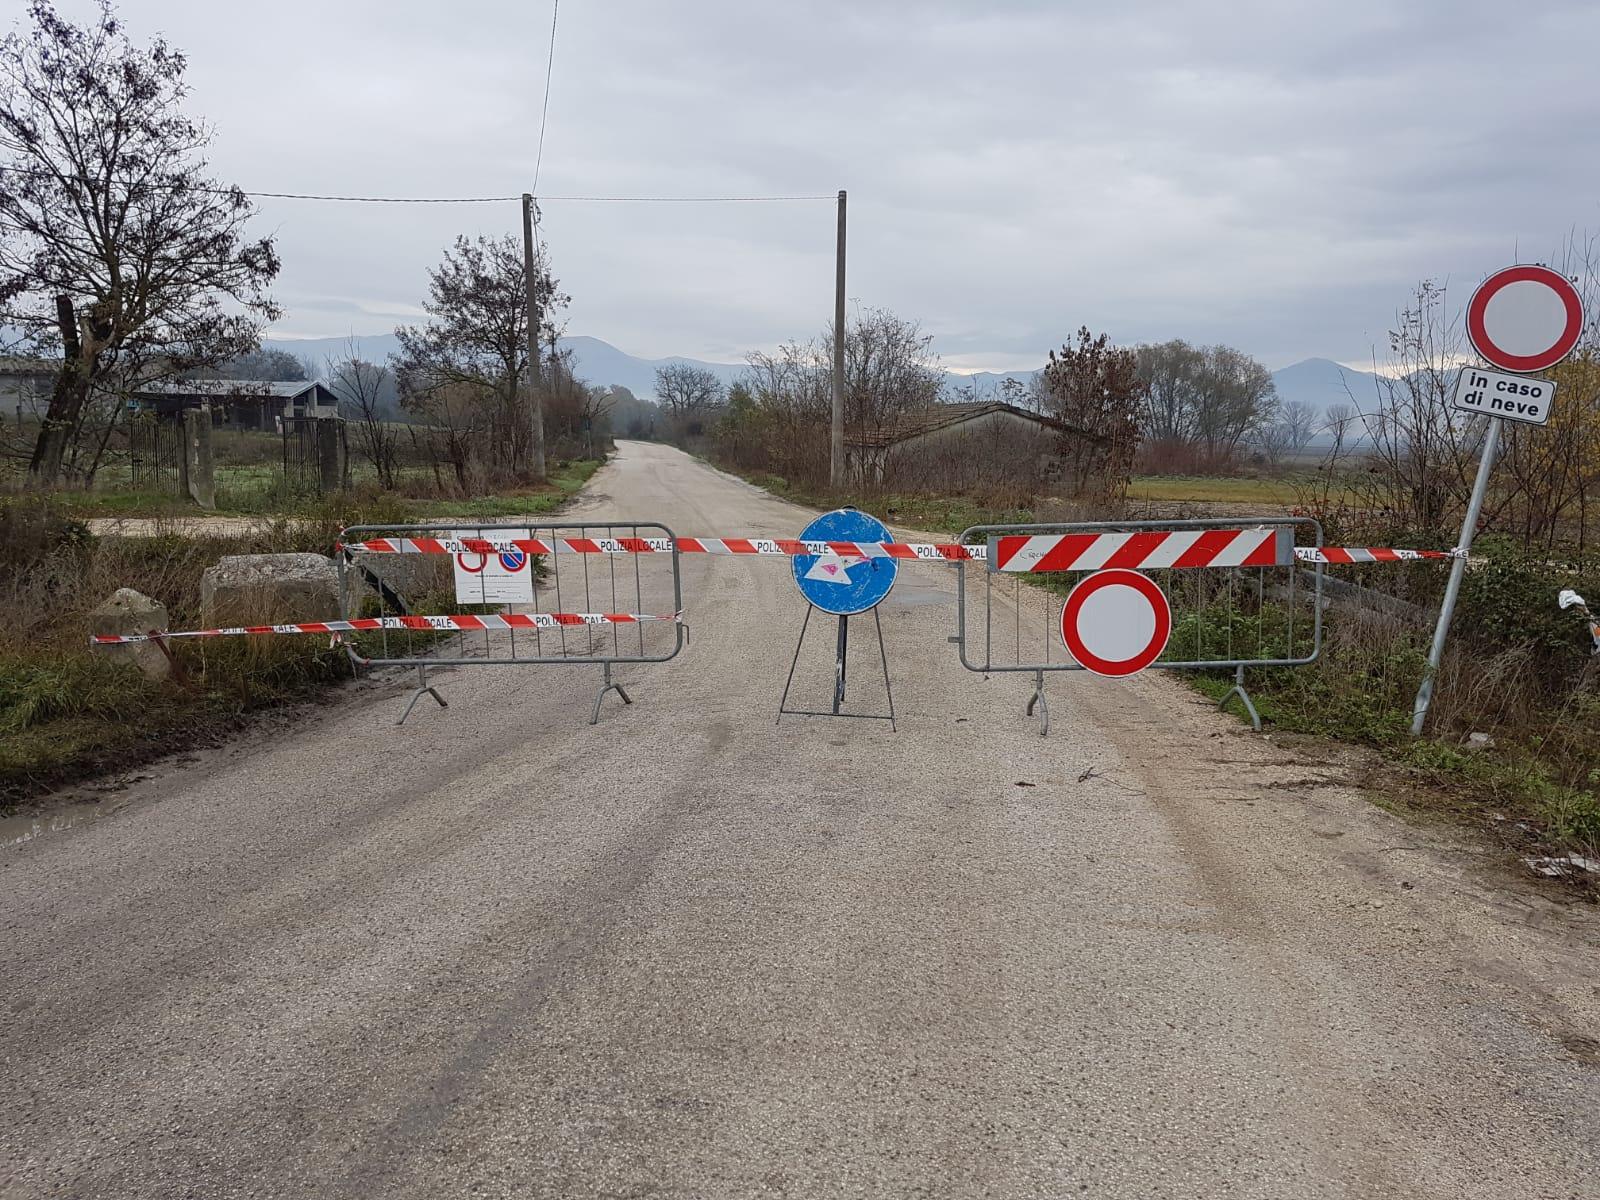 Cerchio, un tratto della circonfucense rimarrà chiuso fino a lunedì per rifacimento manto stradale